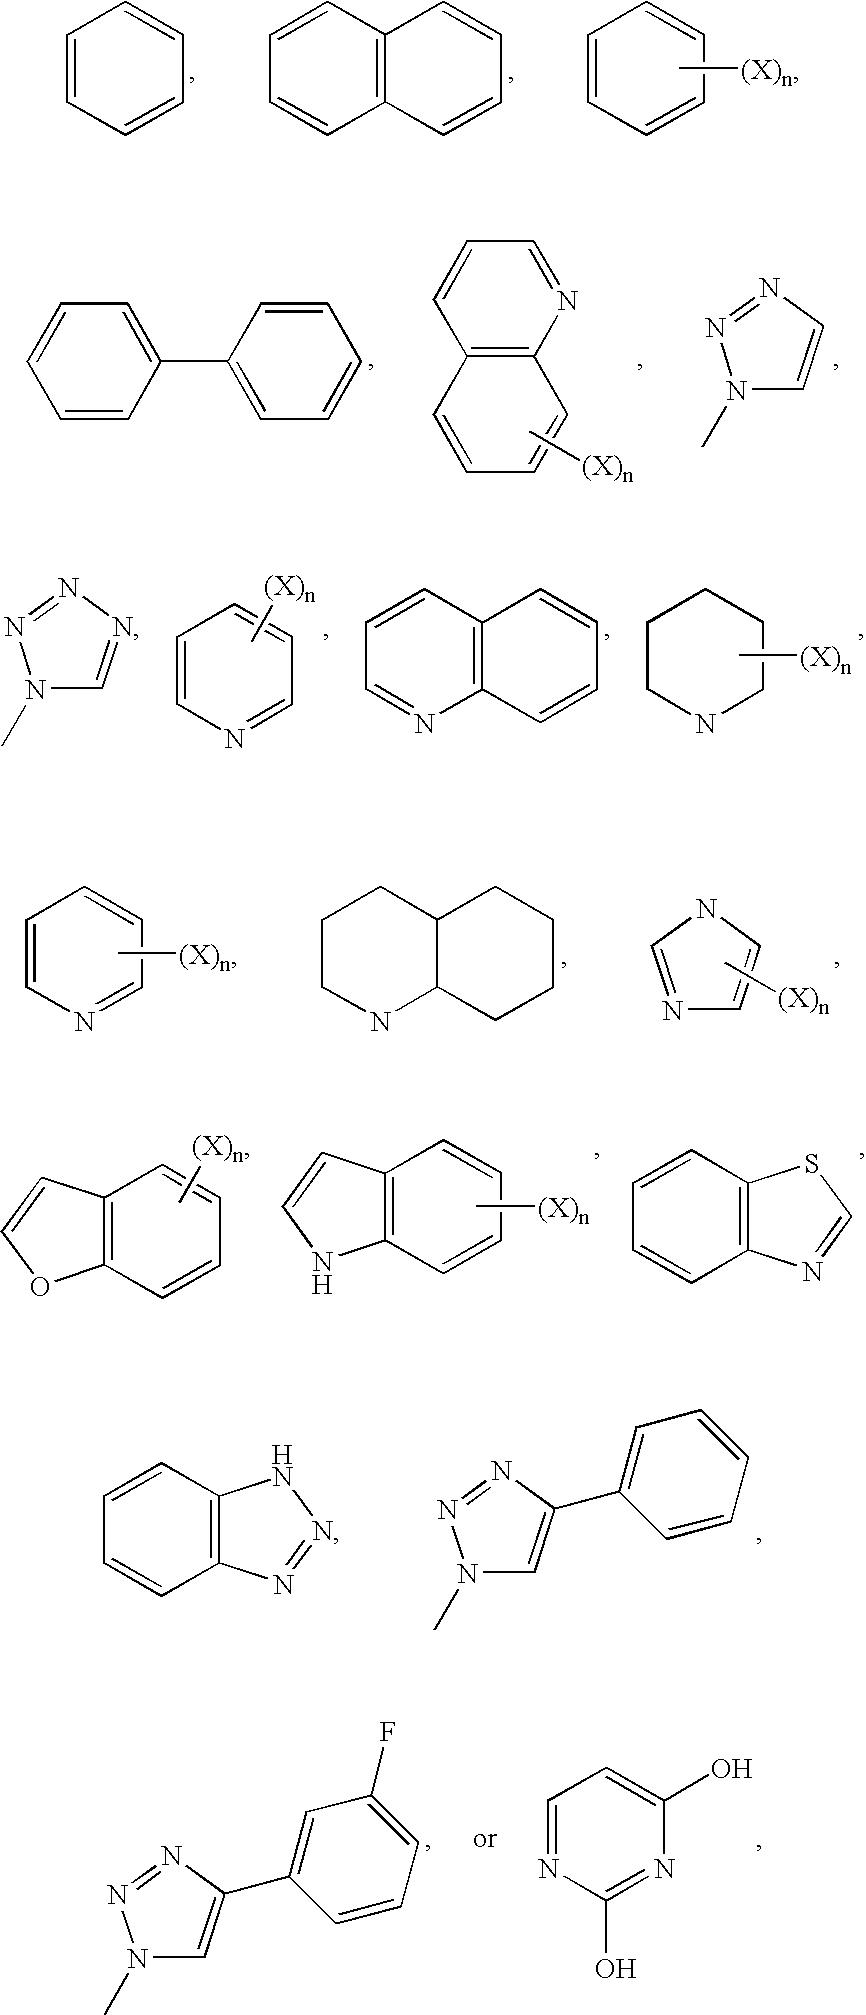 Figure US20070054870A1-20070308-C00009